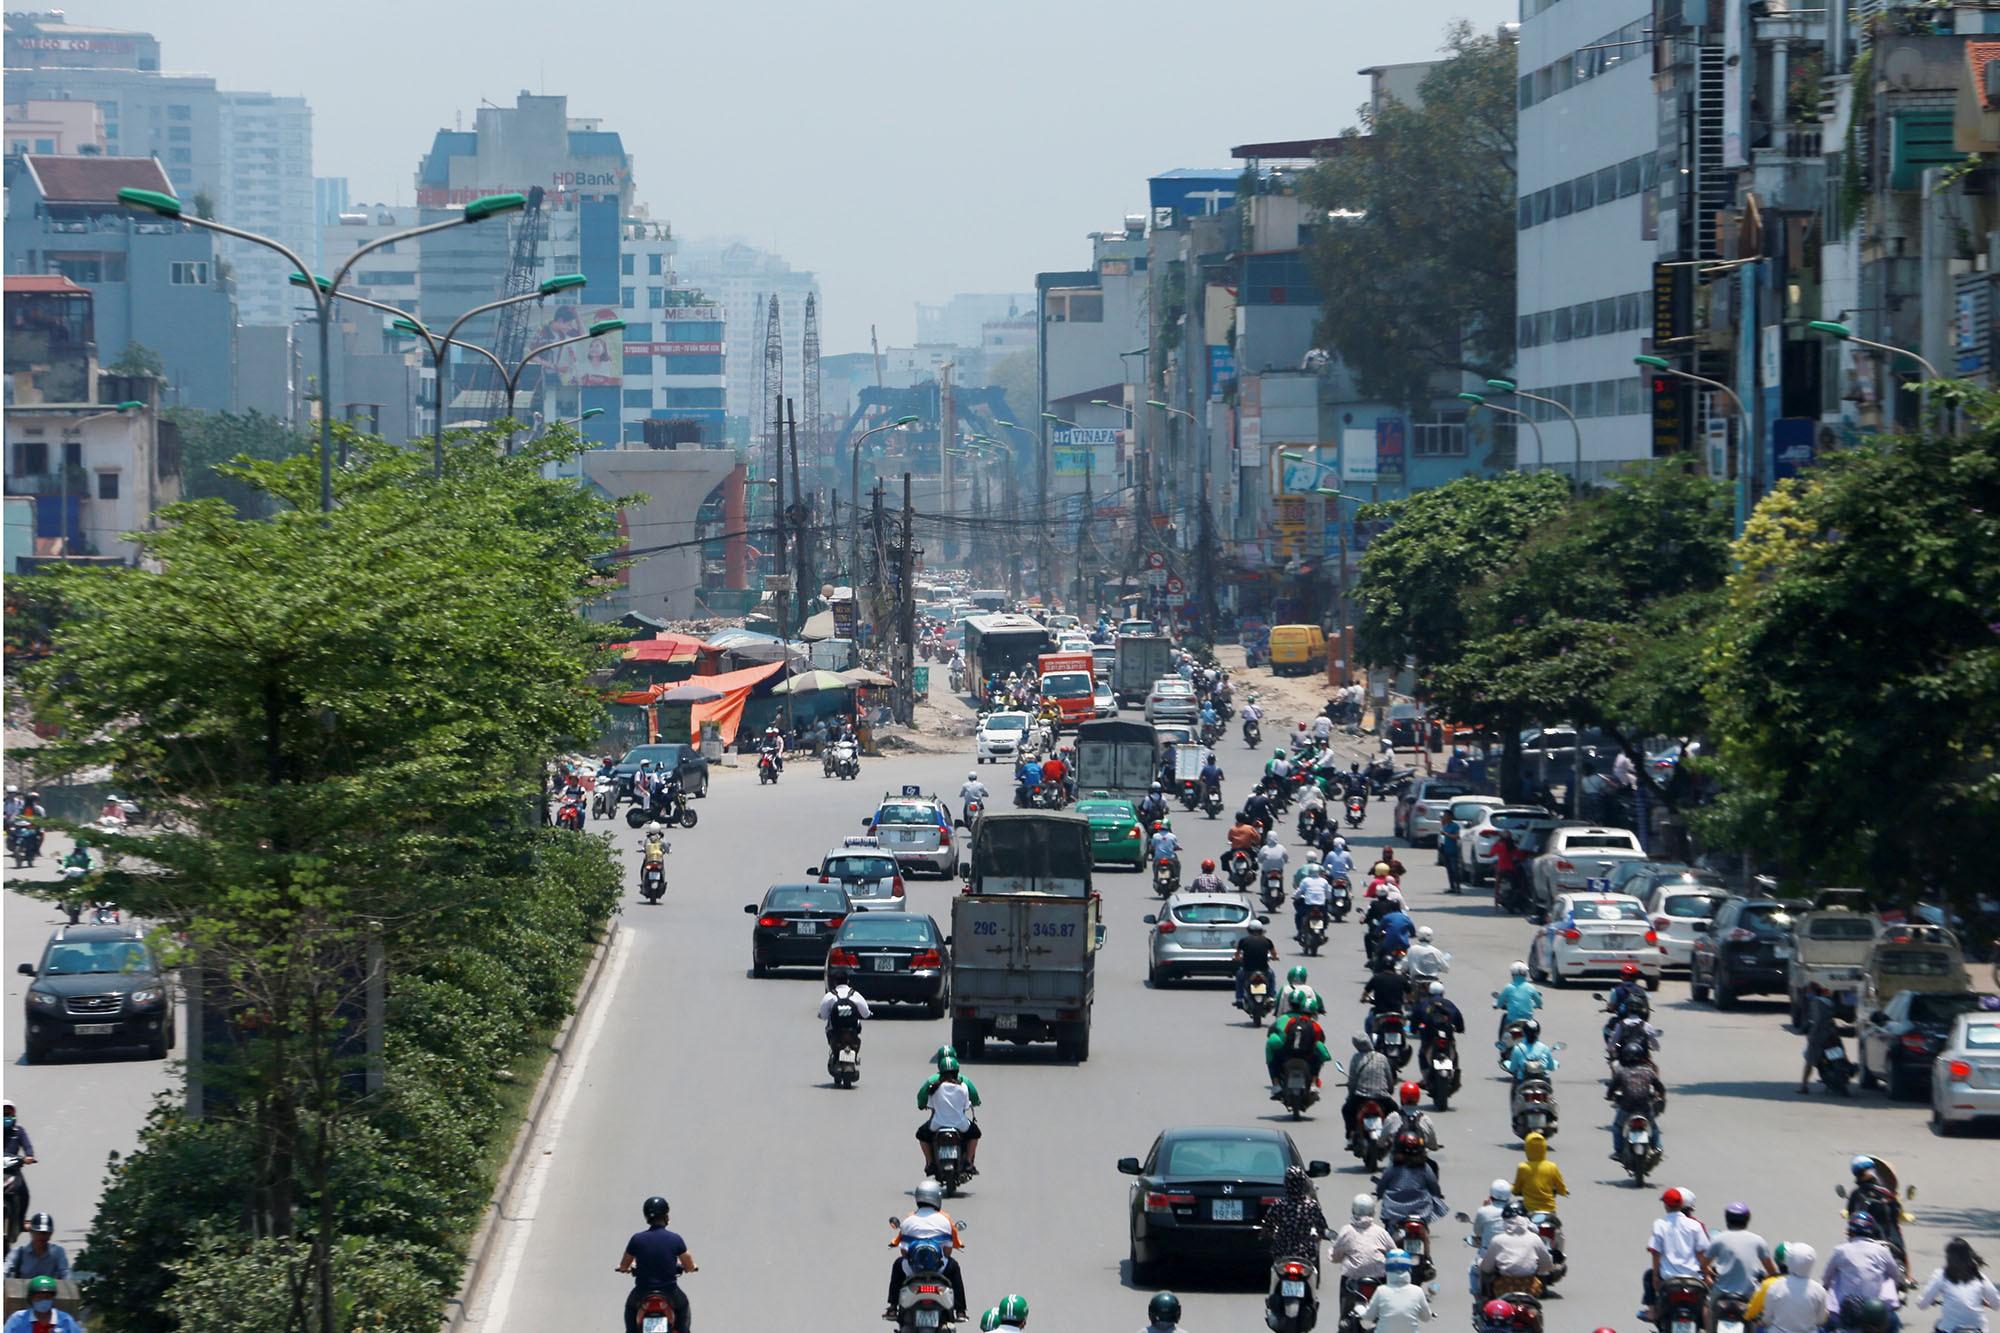 Hà Nội: Rác thải vứt bừa bãi dưới chân công trường đường vành đai 2 - Ảnh 1.